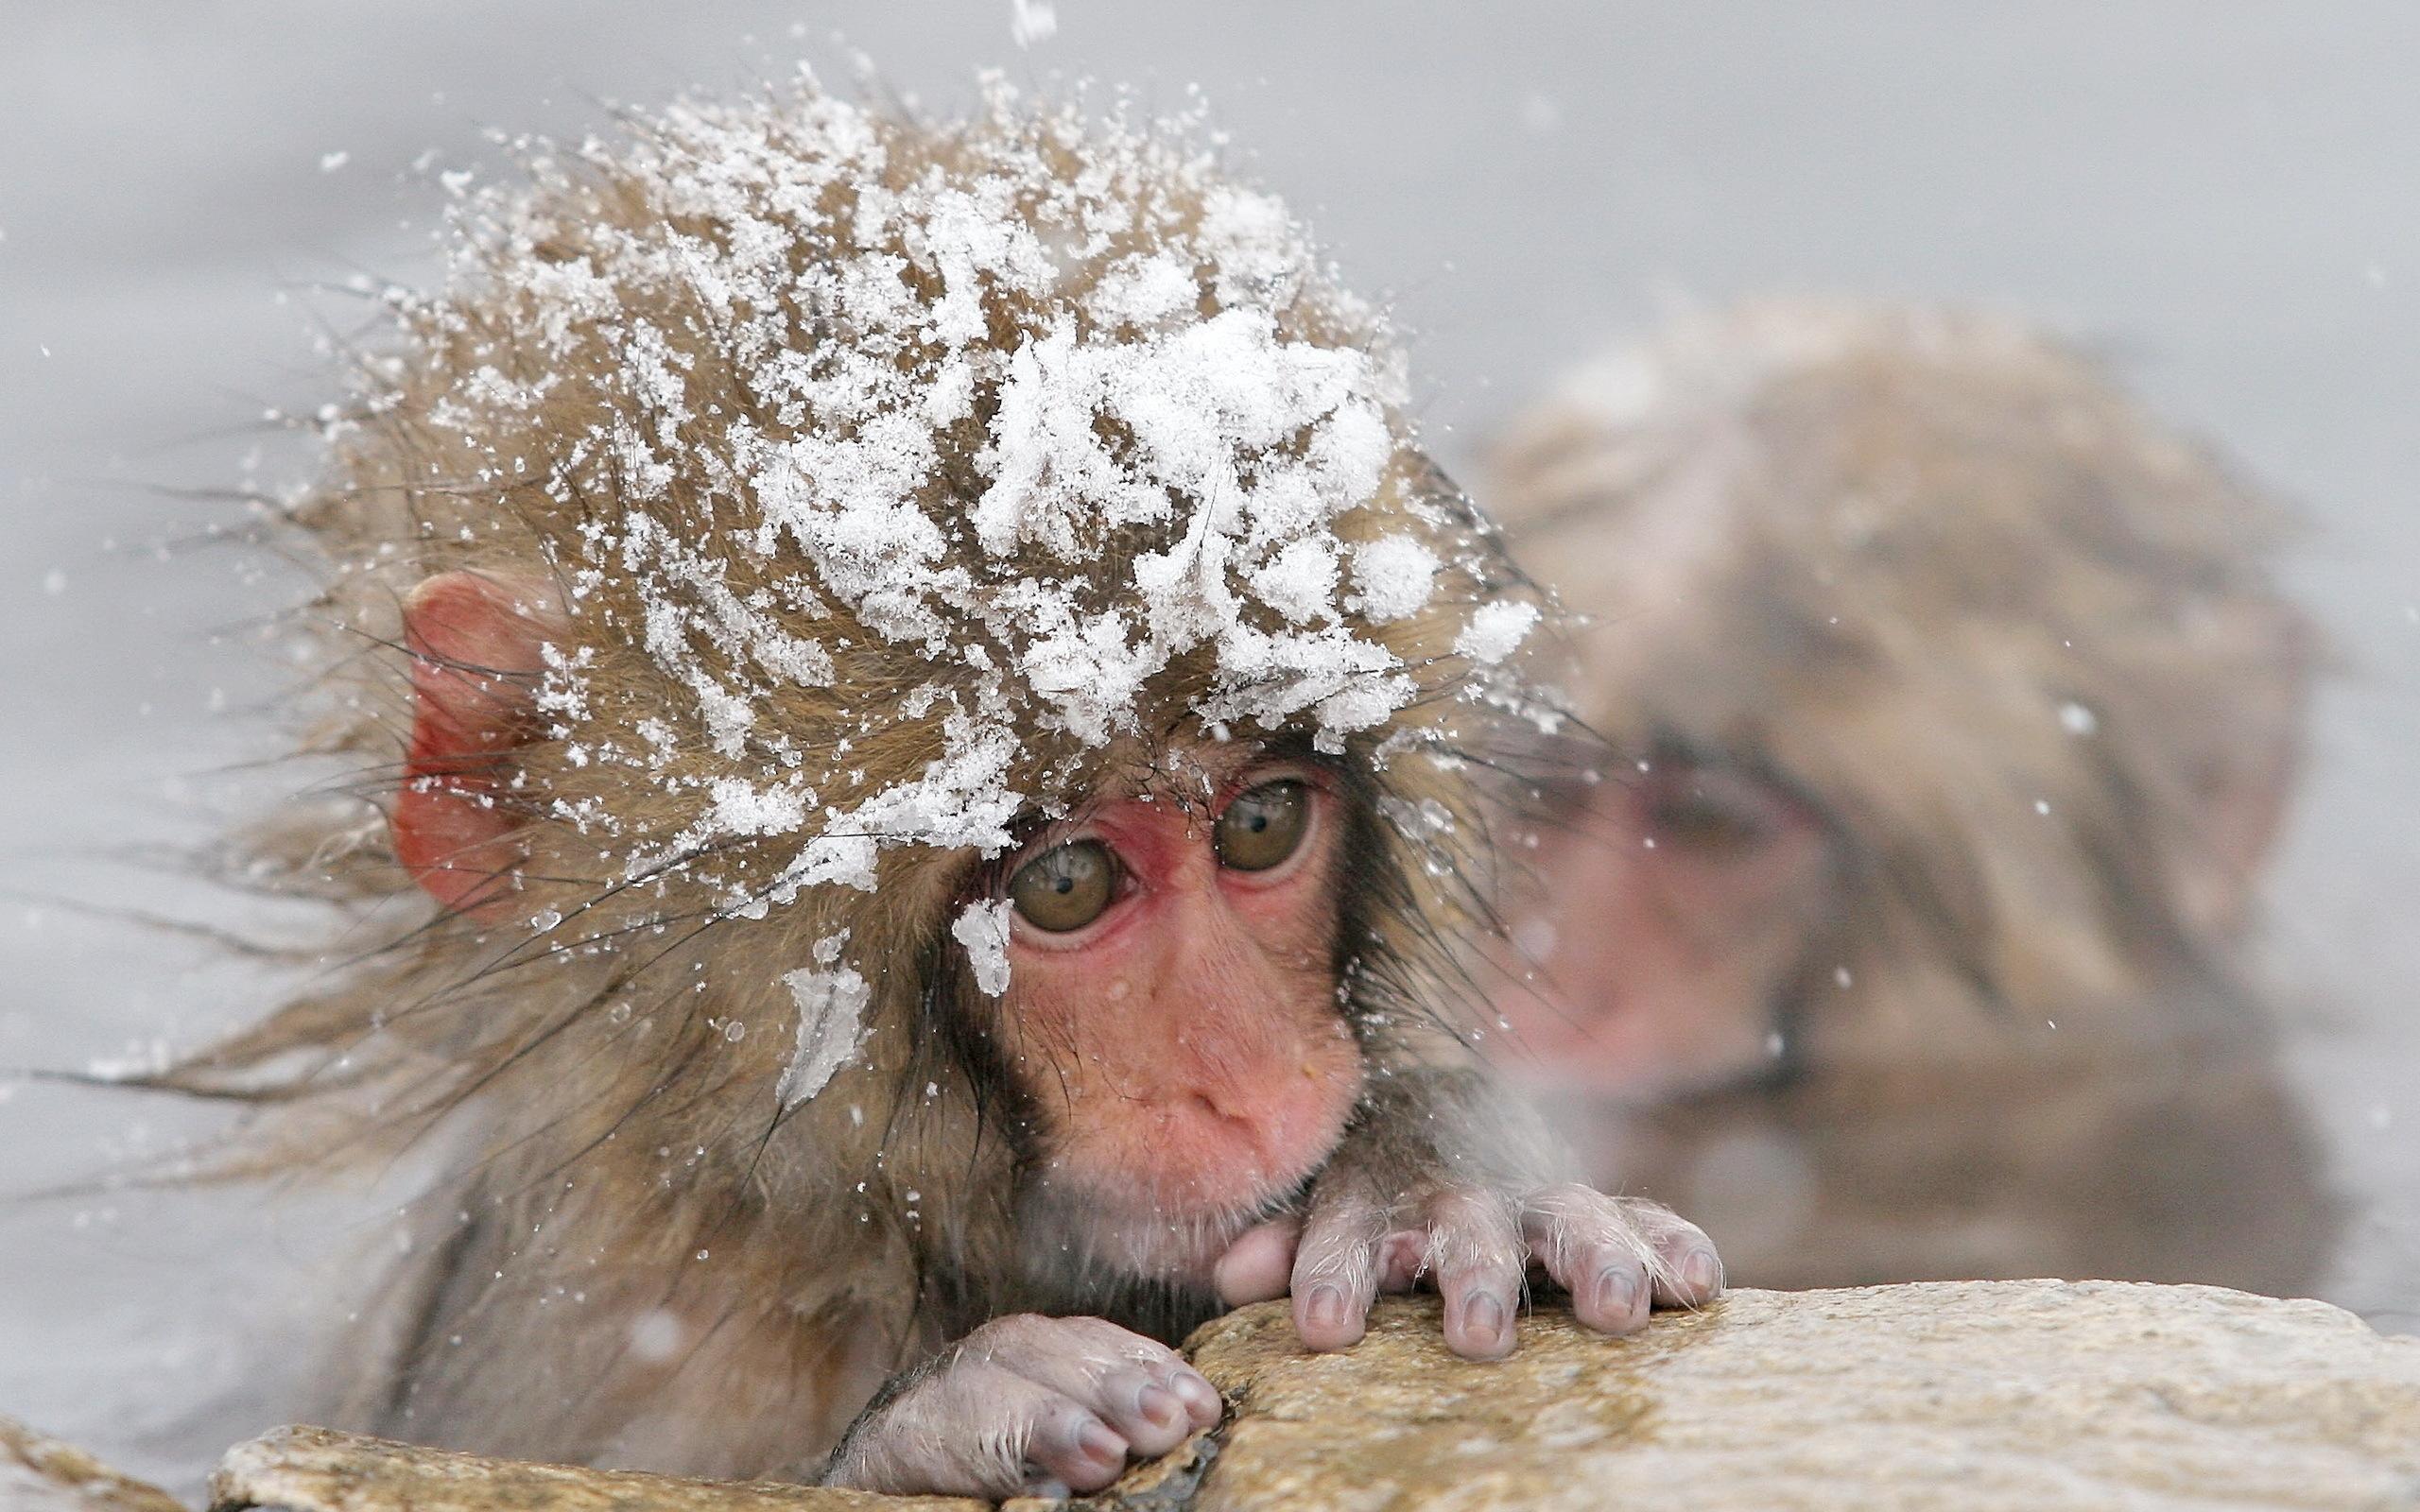 смешные картинки про холод мороз с надписью существует мировой